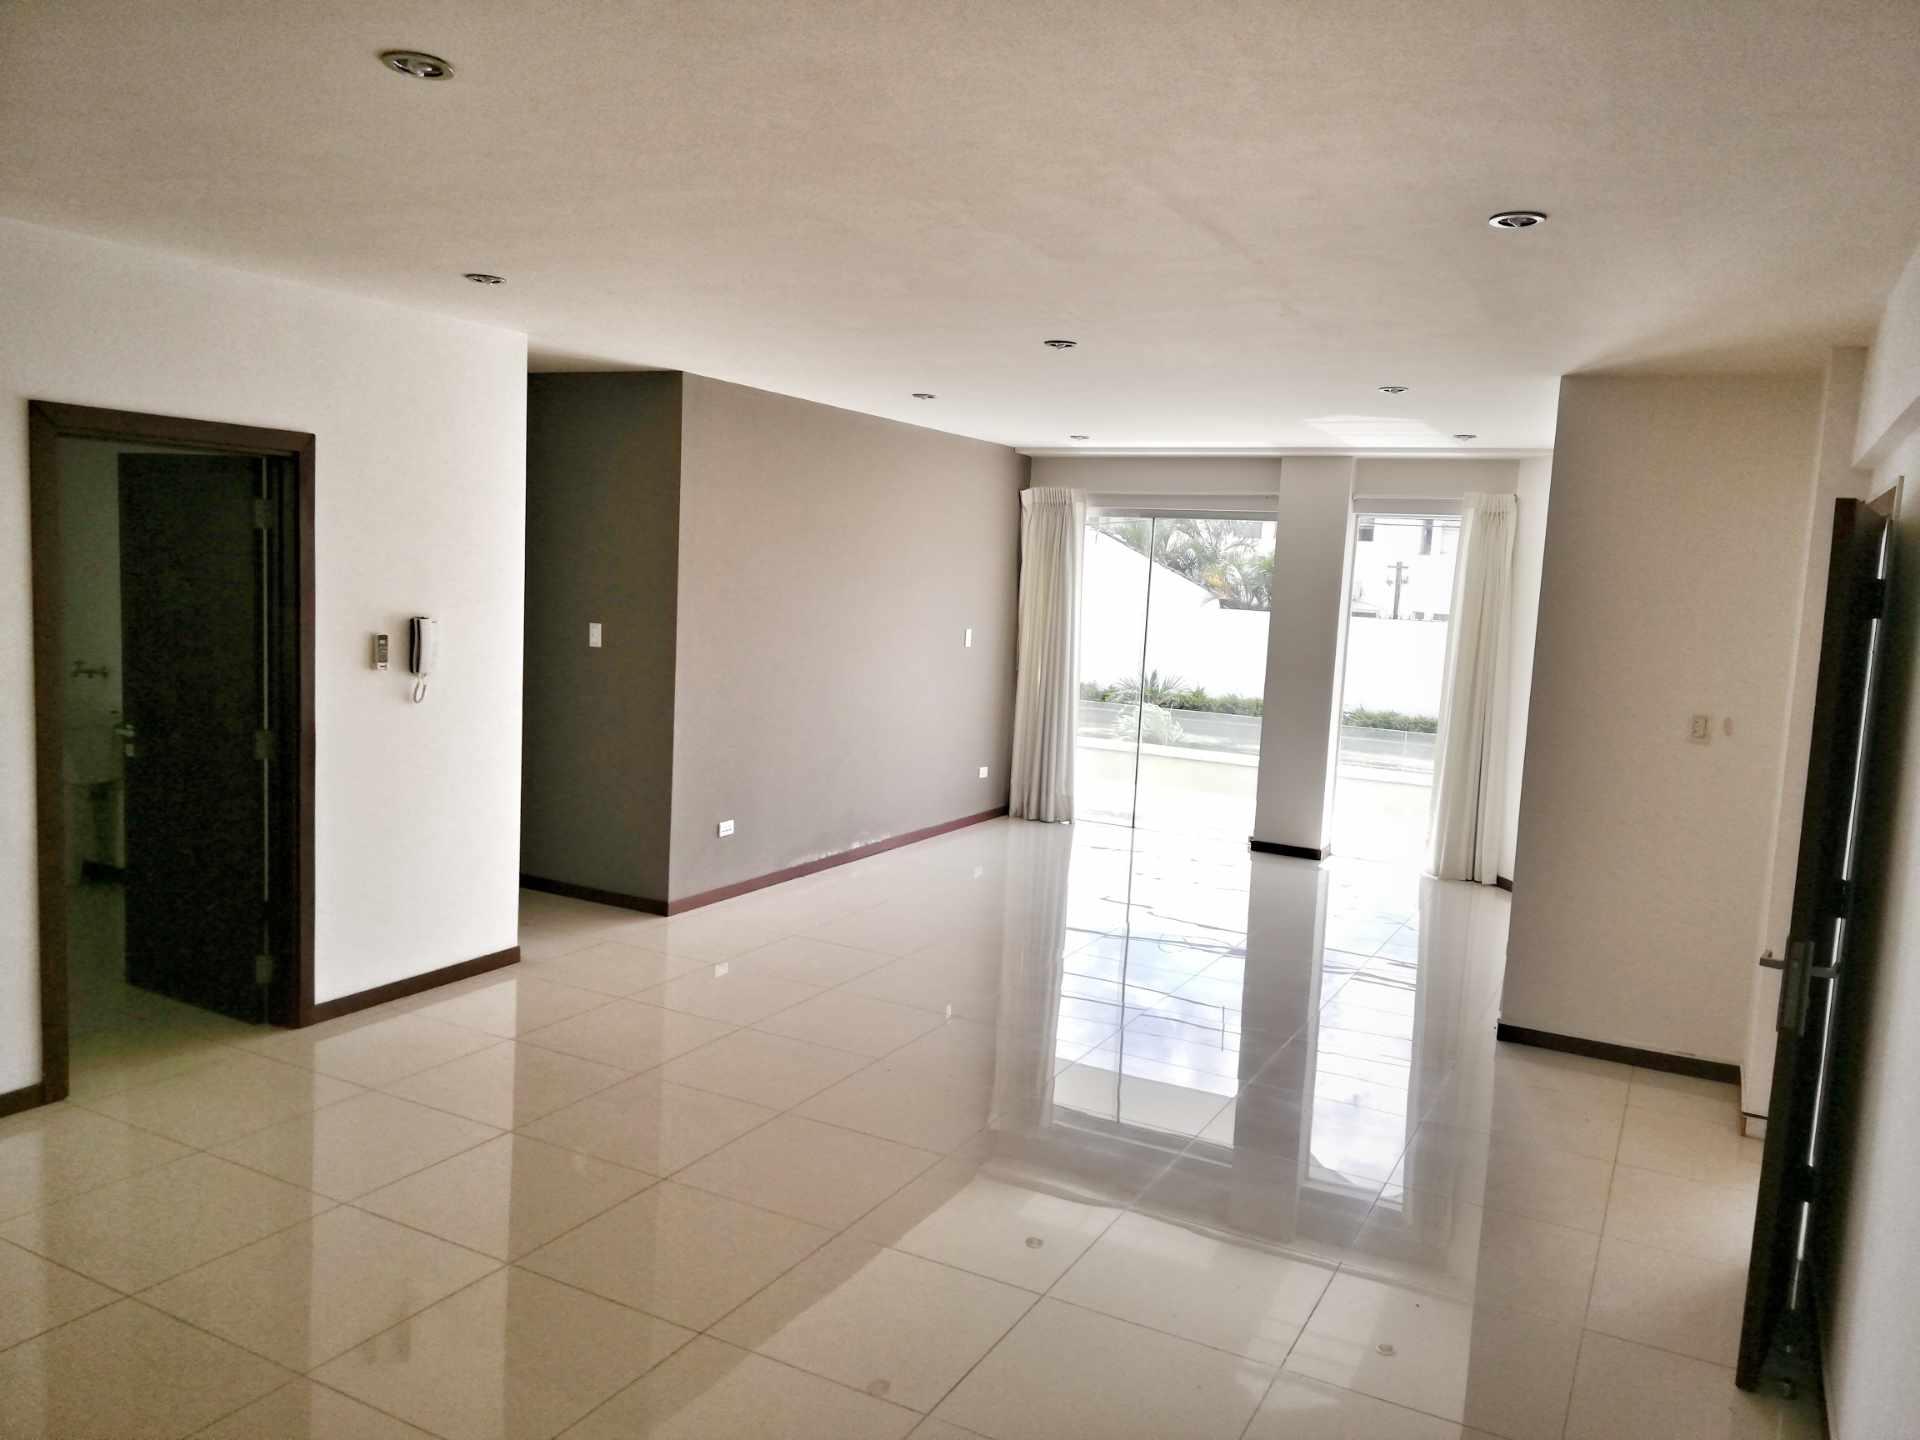 Departamento en Alquiler CONDOMINIO SANTA LUCIA / BARRIO LAS PALMAS Foto 1